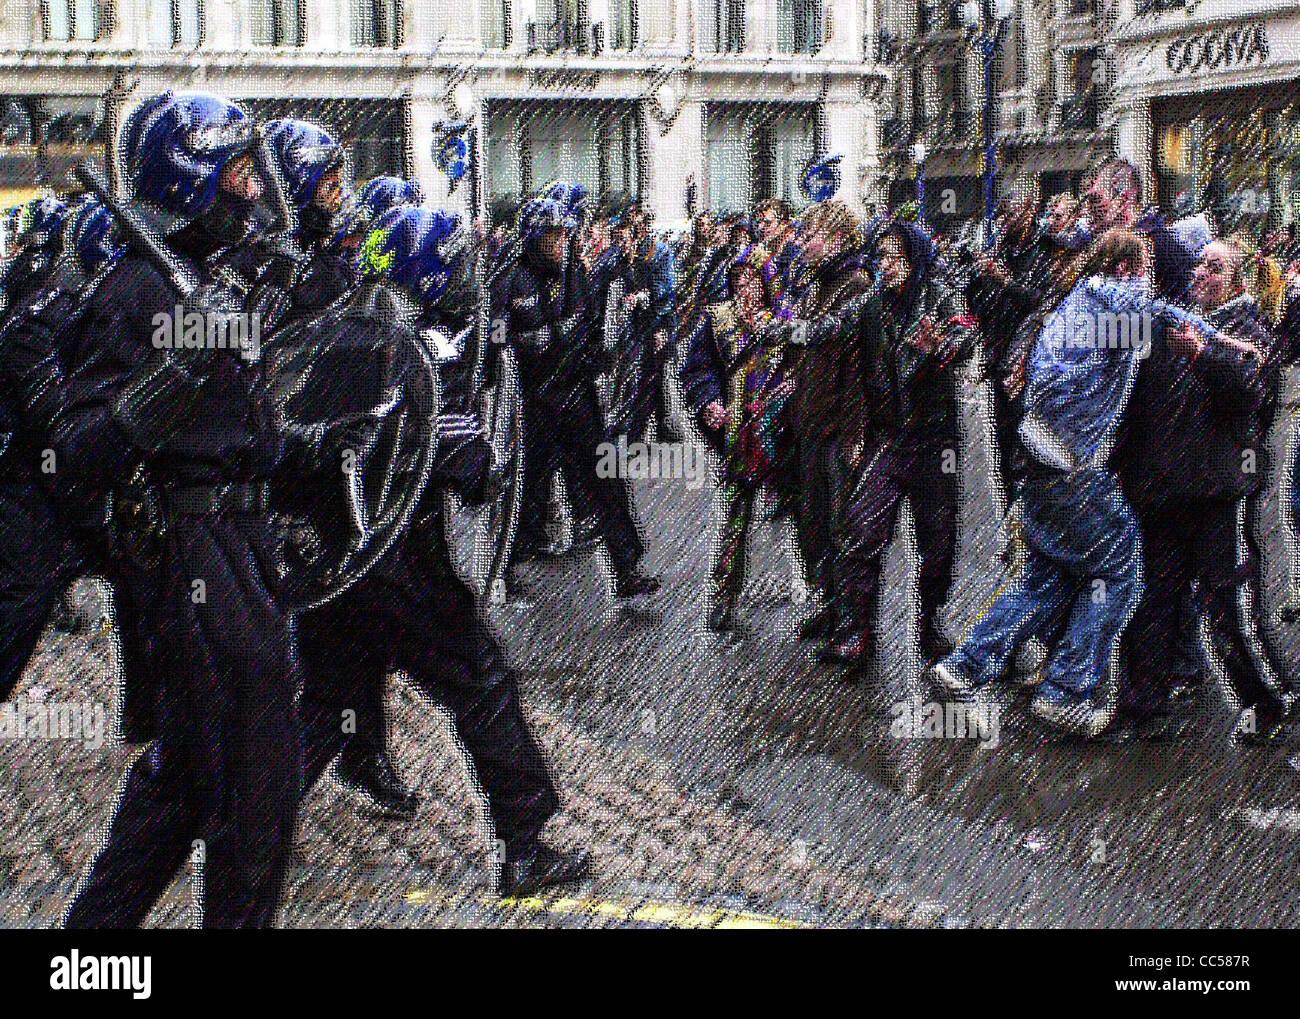 Generischen Abbildungen der britischen Polizei in Action-Szenen behandelt, Identifikation Herr nicht erforderlich Stockbild